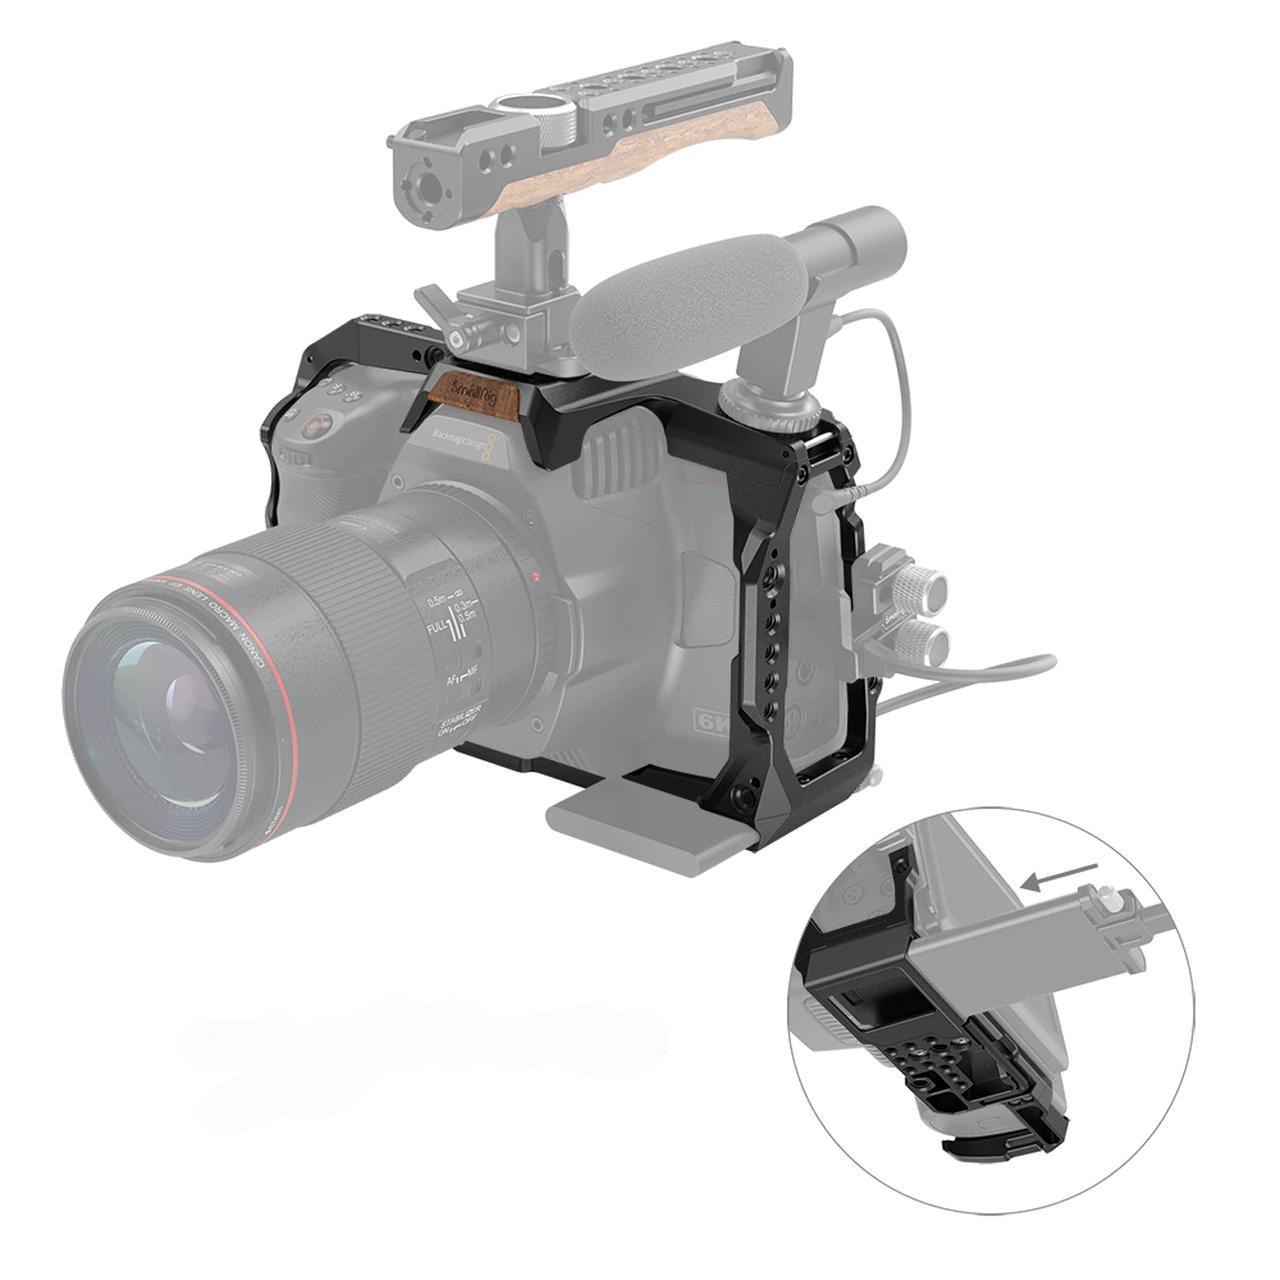 smallrig-3270-full-camera-cage-klatka-operatorska-bmpcc-6k-pro-pocket-05%281%29.jpg